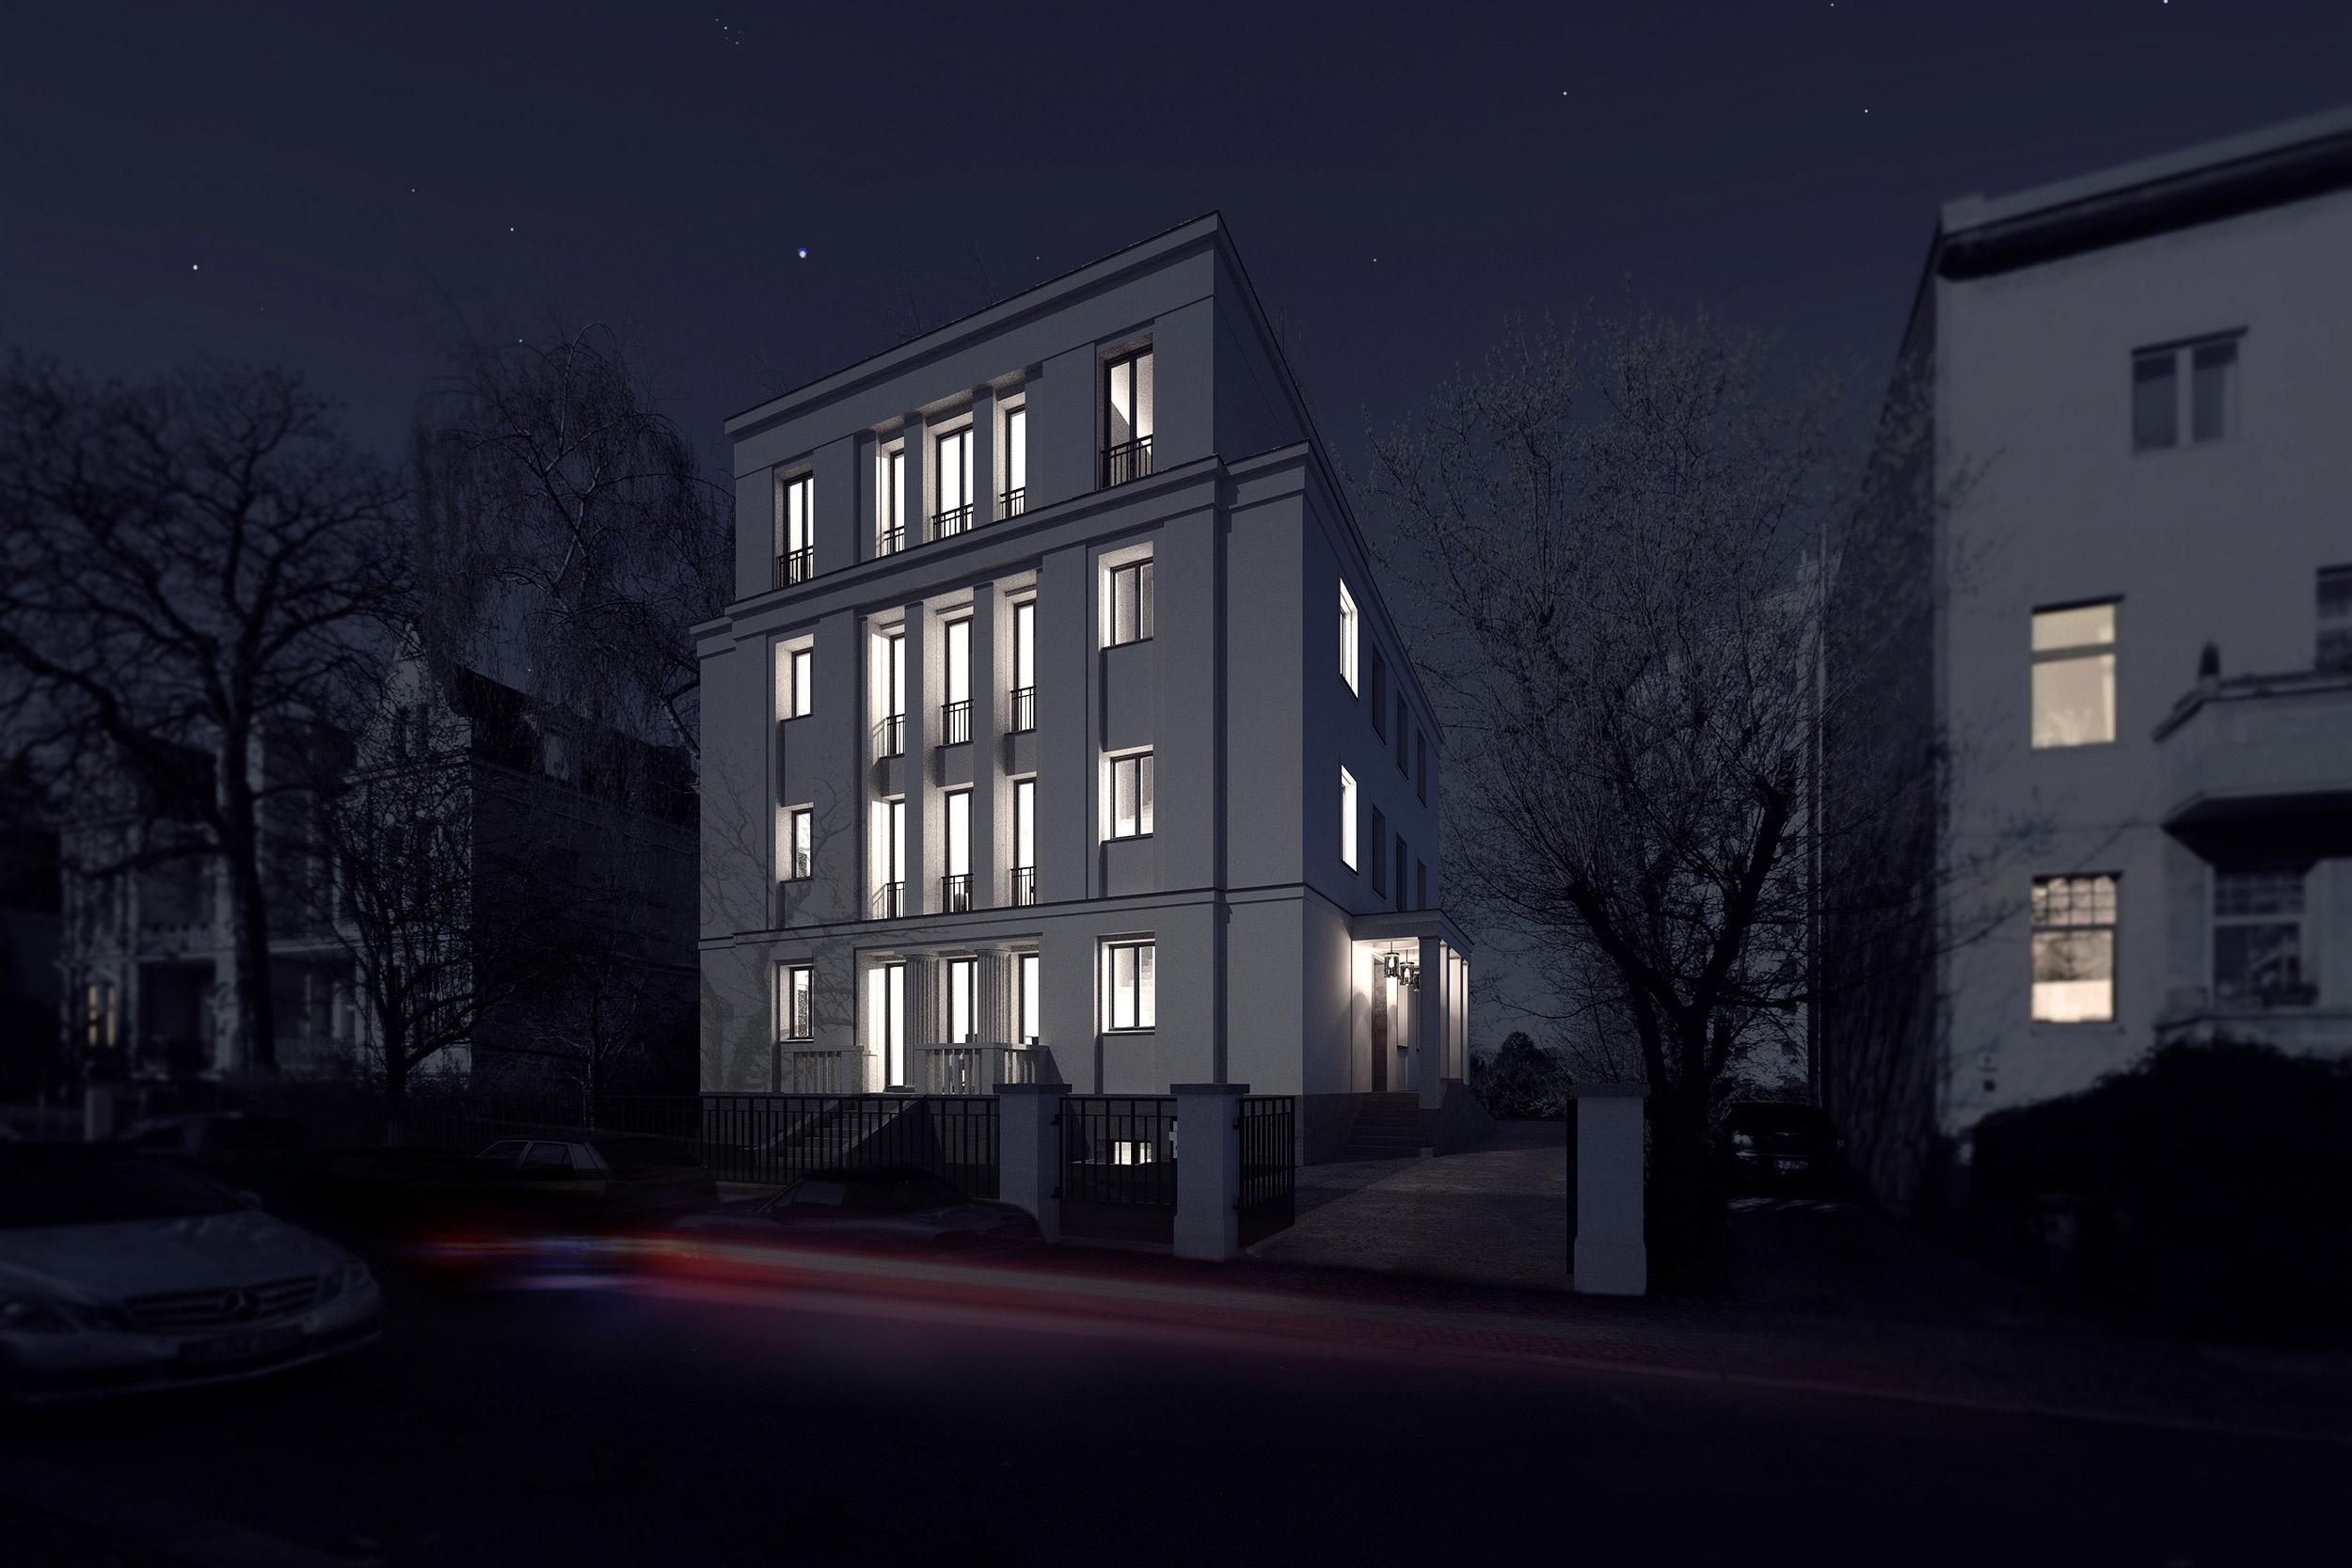 Nachts wird die Gebäudekonzeption mit dem Rückrat zentraler Räume stärker erlebbar.